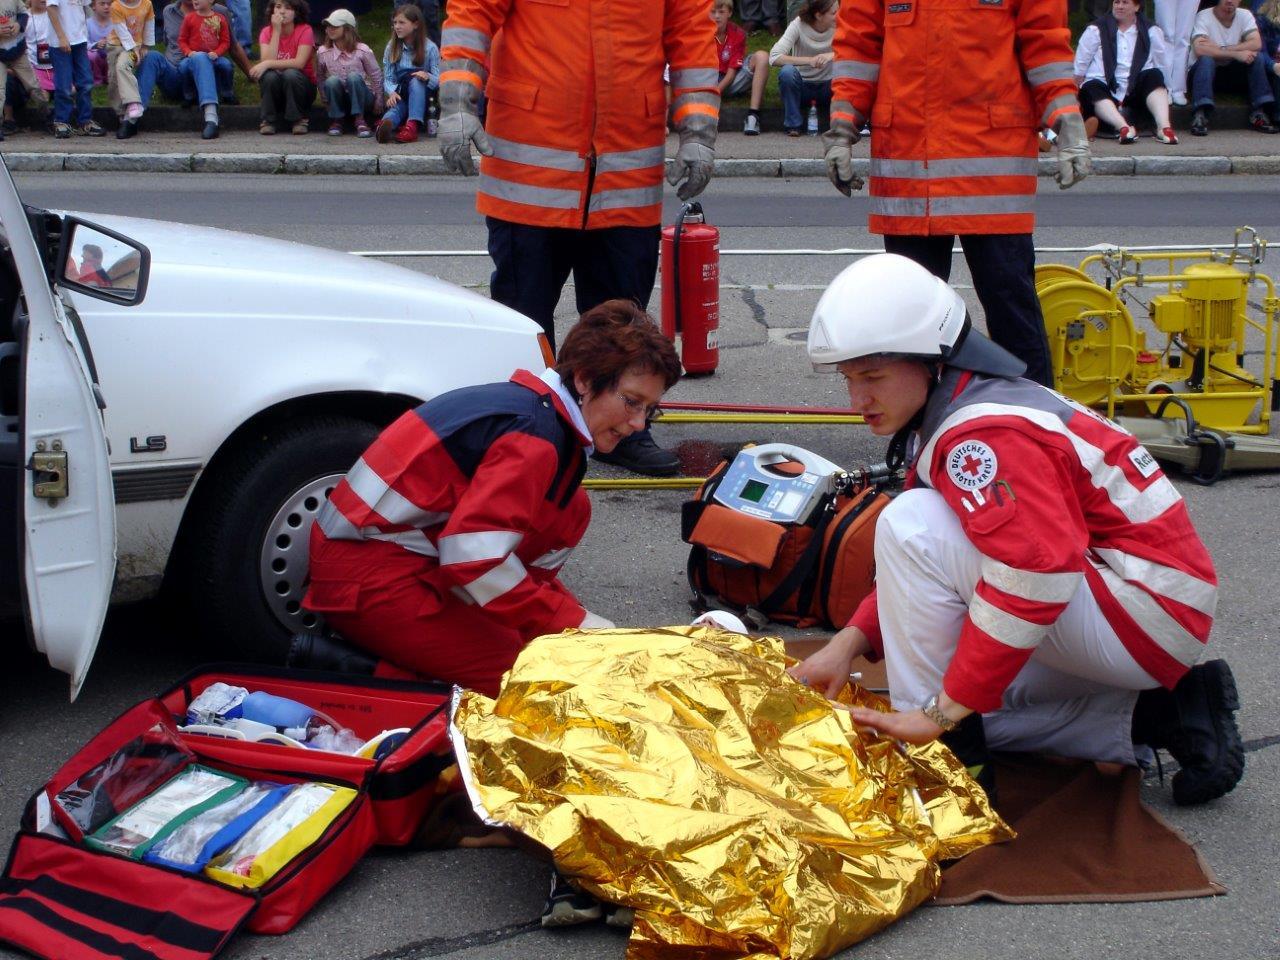 Erstversorgung des Verletzten